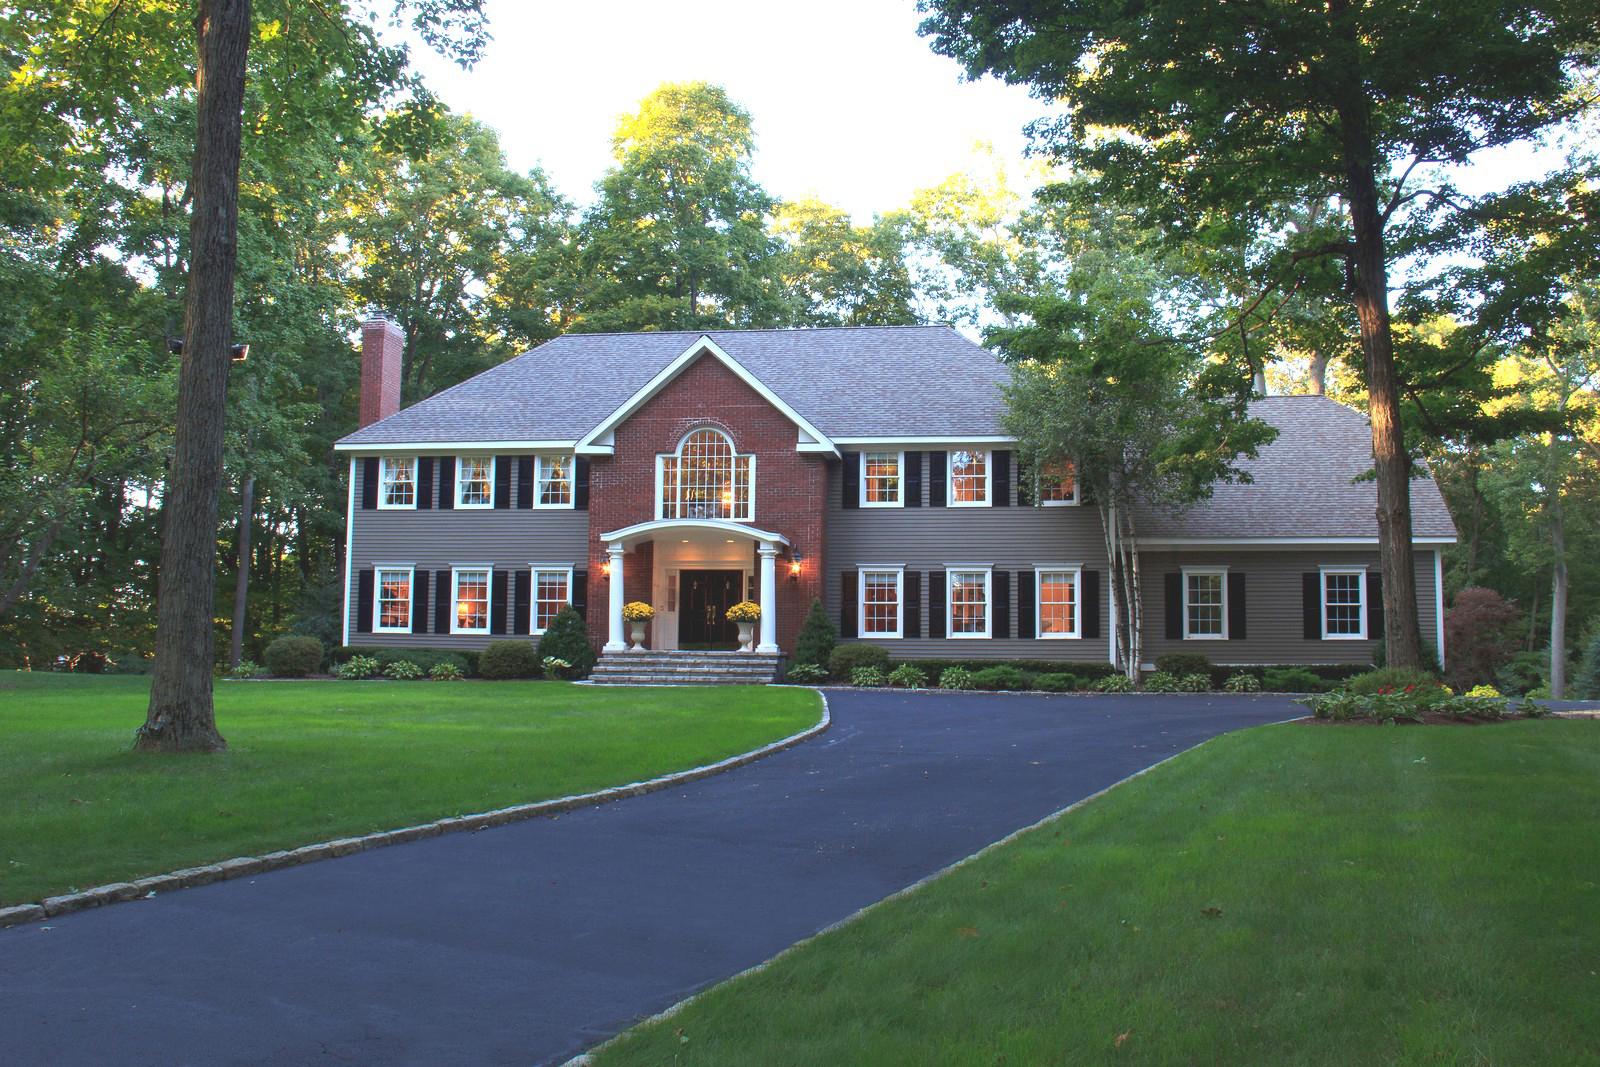 Частный односемейный дом для того Продажа на 3 Dry River Court Redding, Коннектикут 06896 Соединенные Штаты